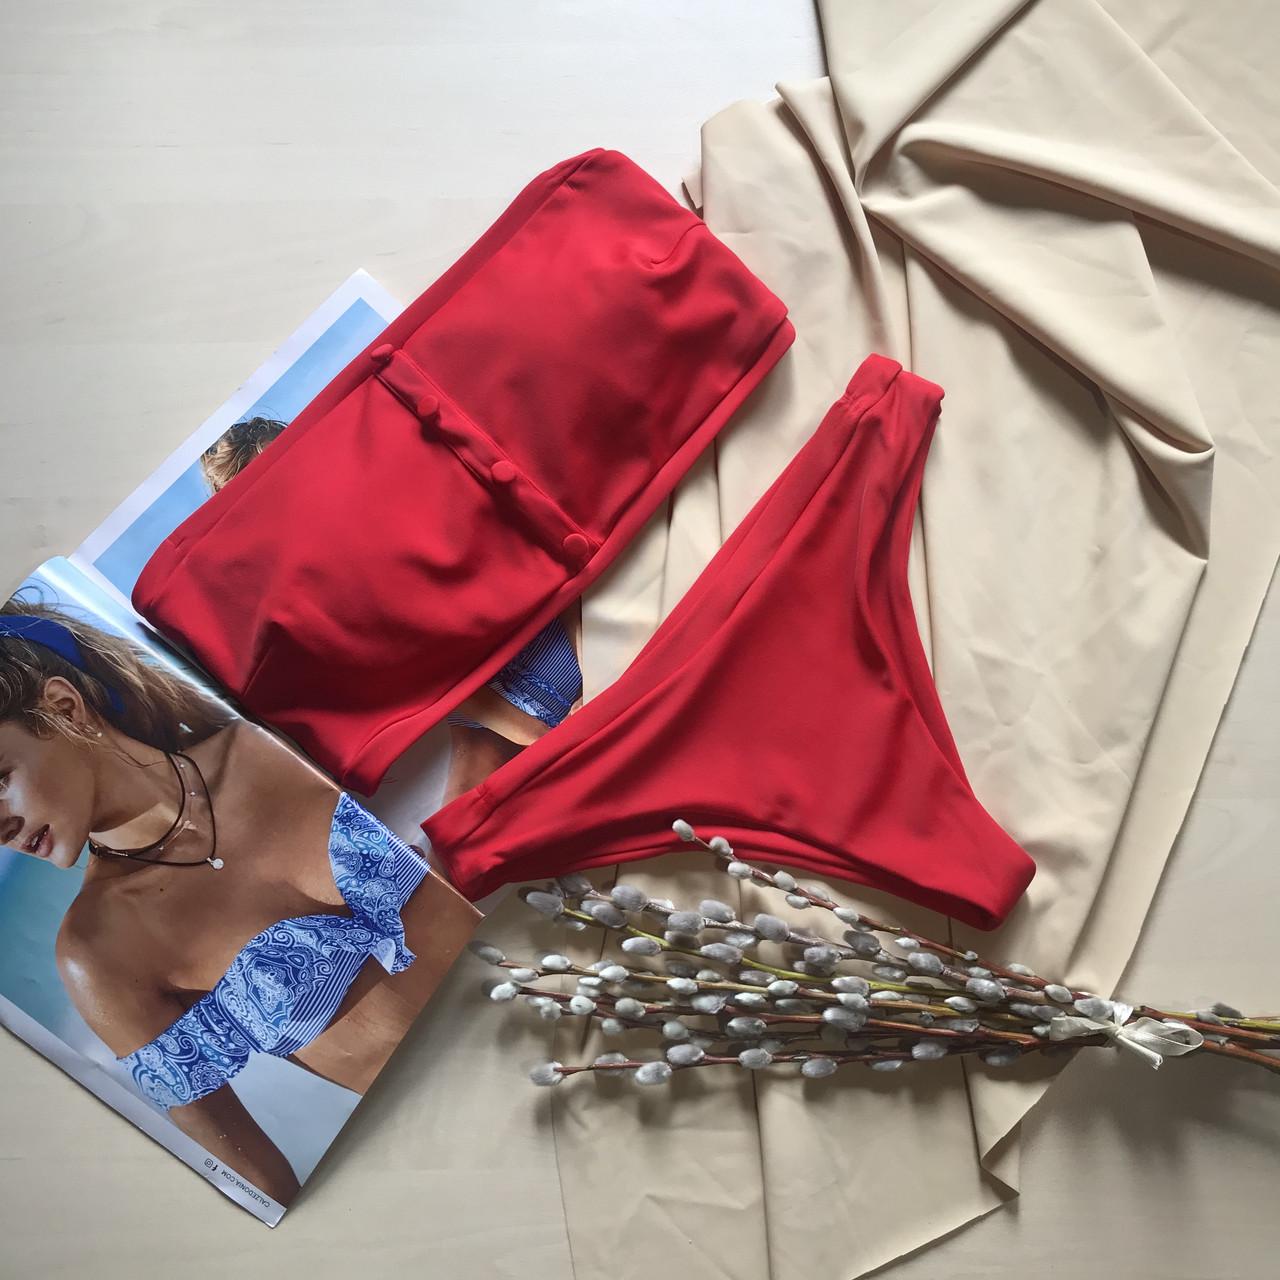 Купальник раздельный лиф бандо красный цвет размер S Украина ОПТ и Дроп